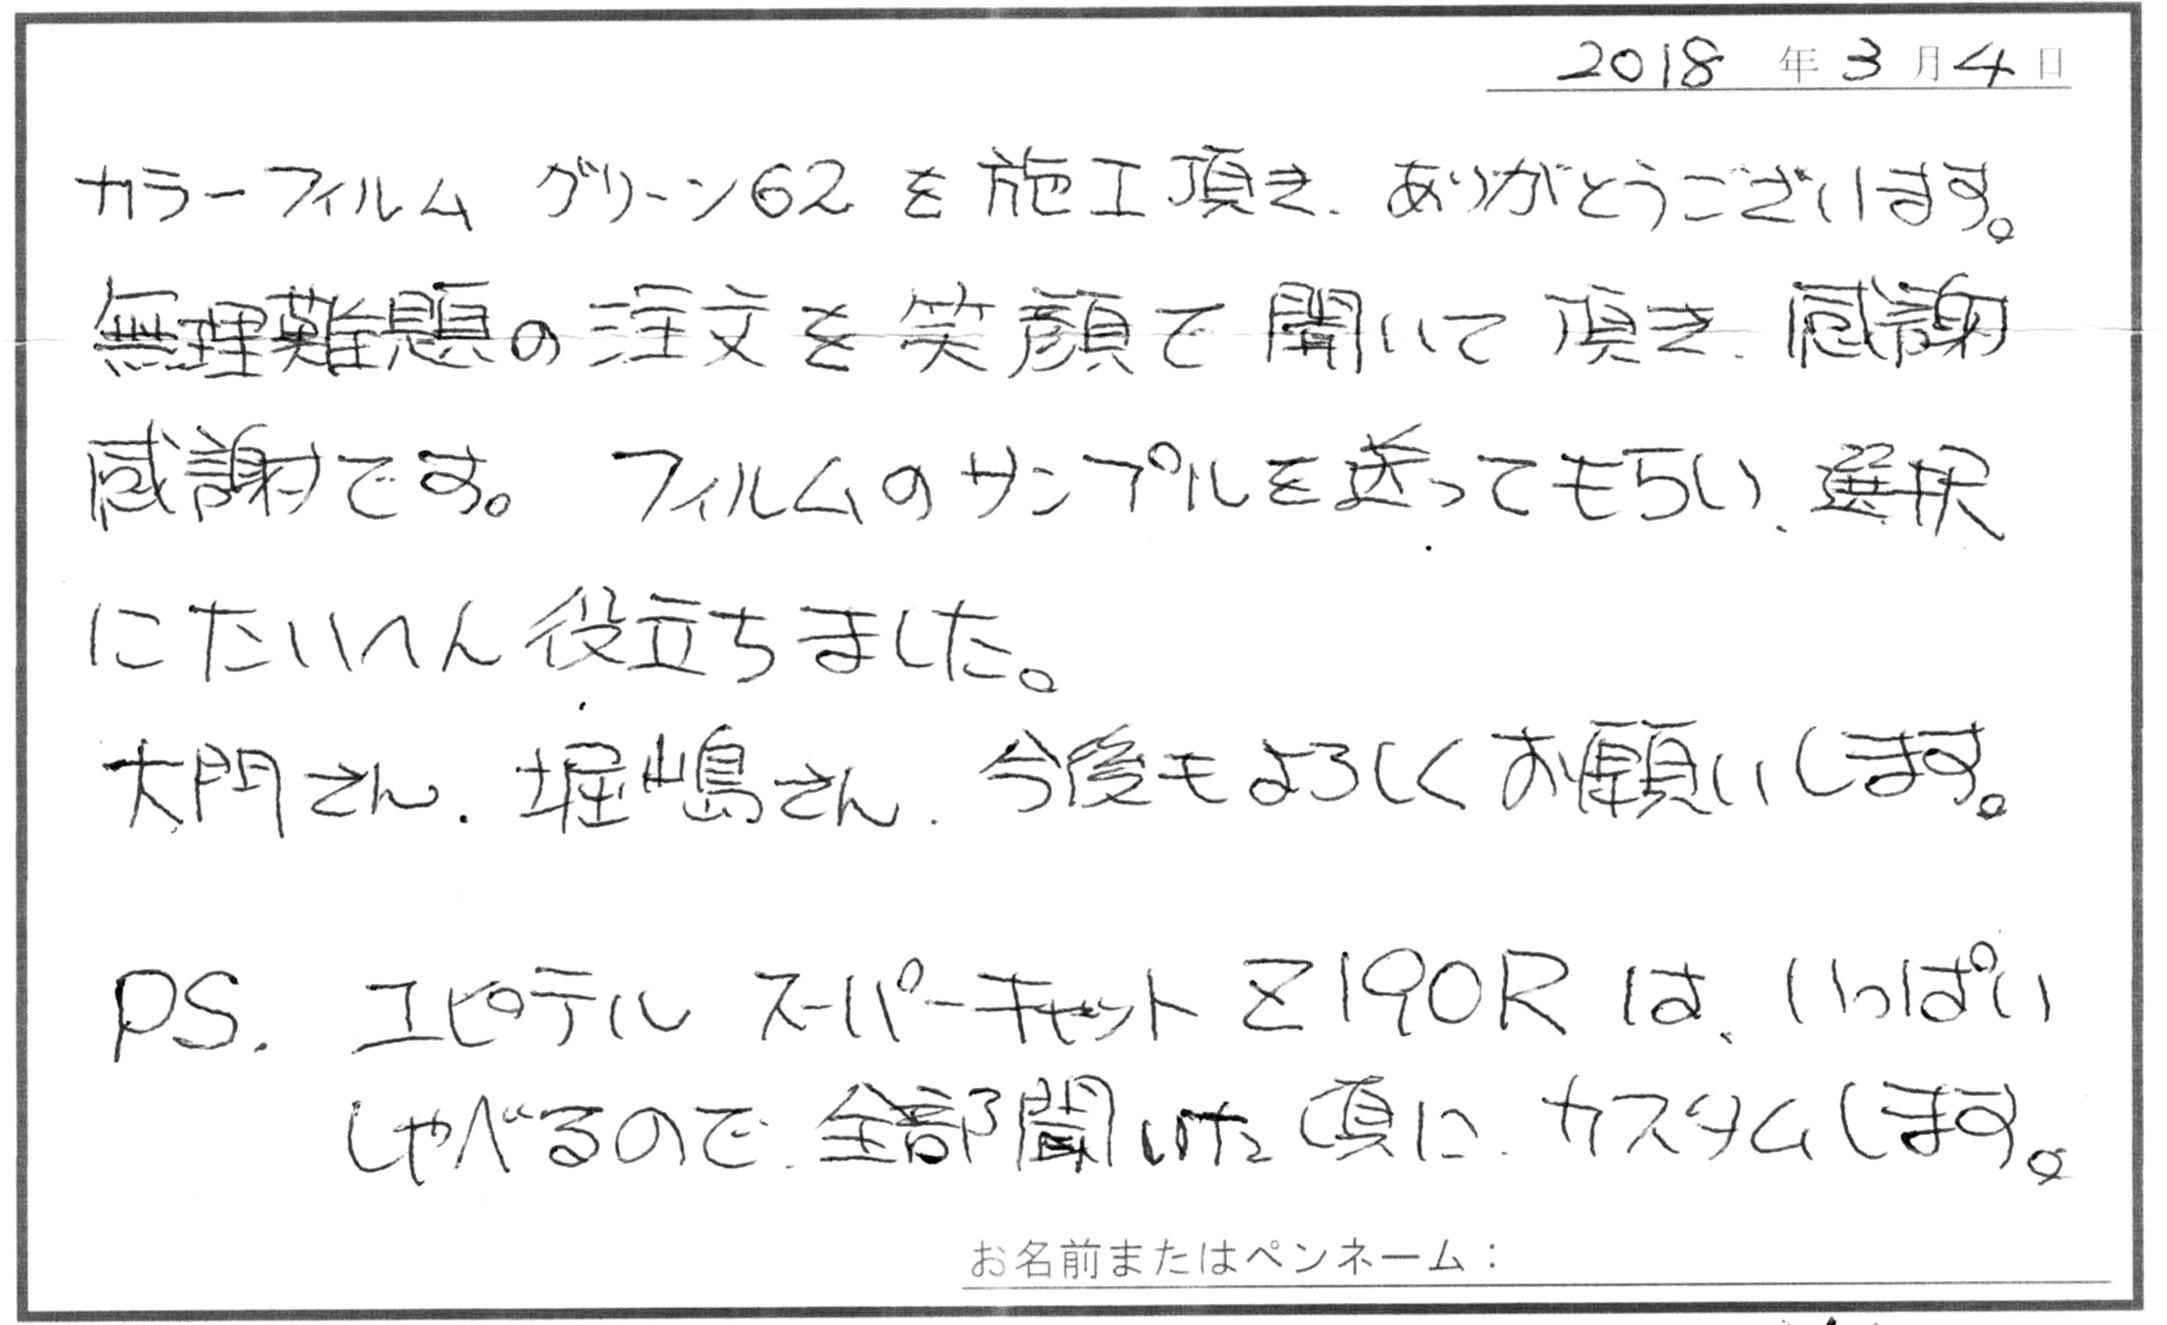 ビーパックスへのクチコミ/お客様の声:R.H. 様(京都府宇治市)/スバル WRX S4